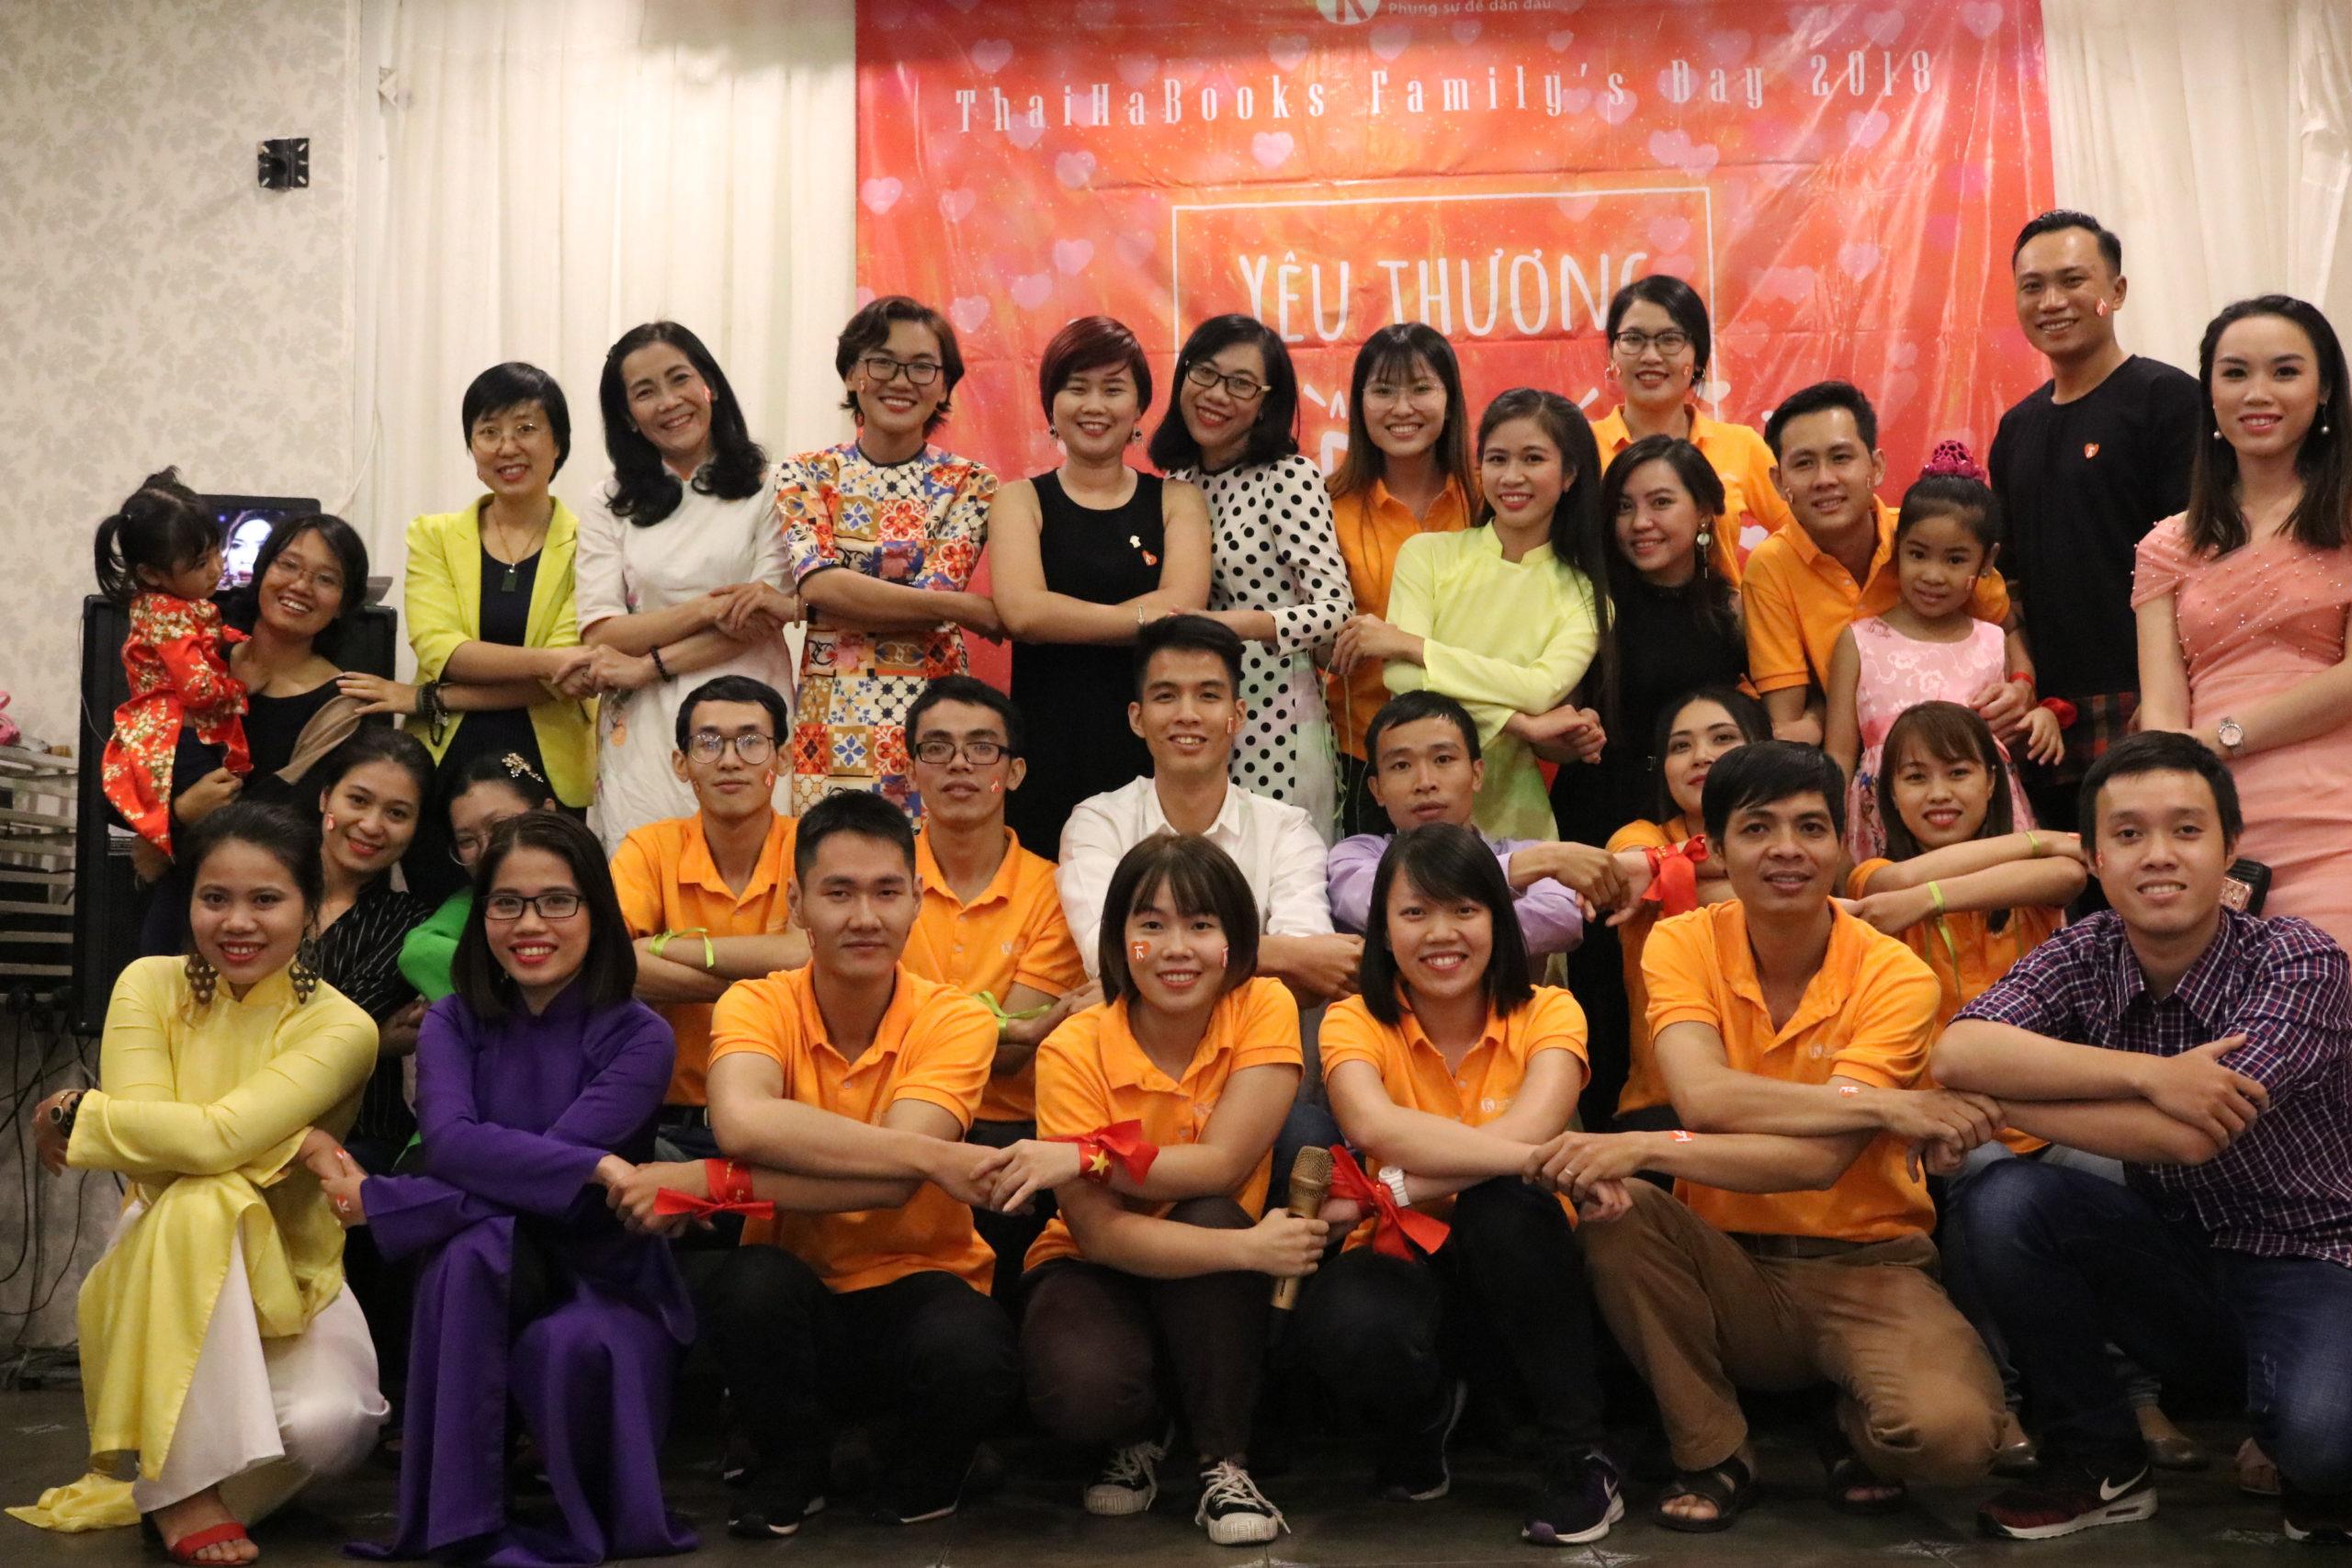 Family's Day: ThaiHaBooks Hồ Chí Minh – tiếp bước và phát triển!